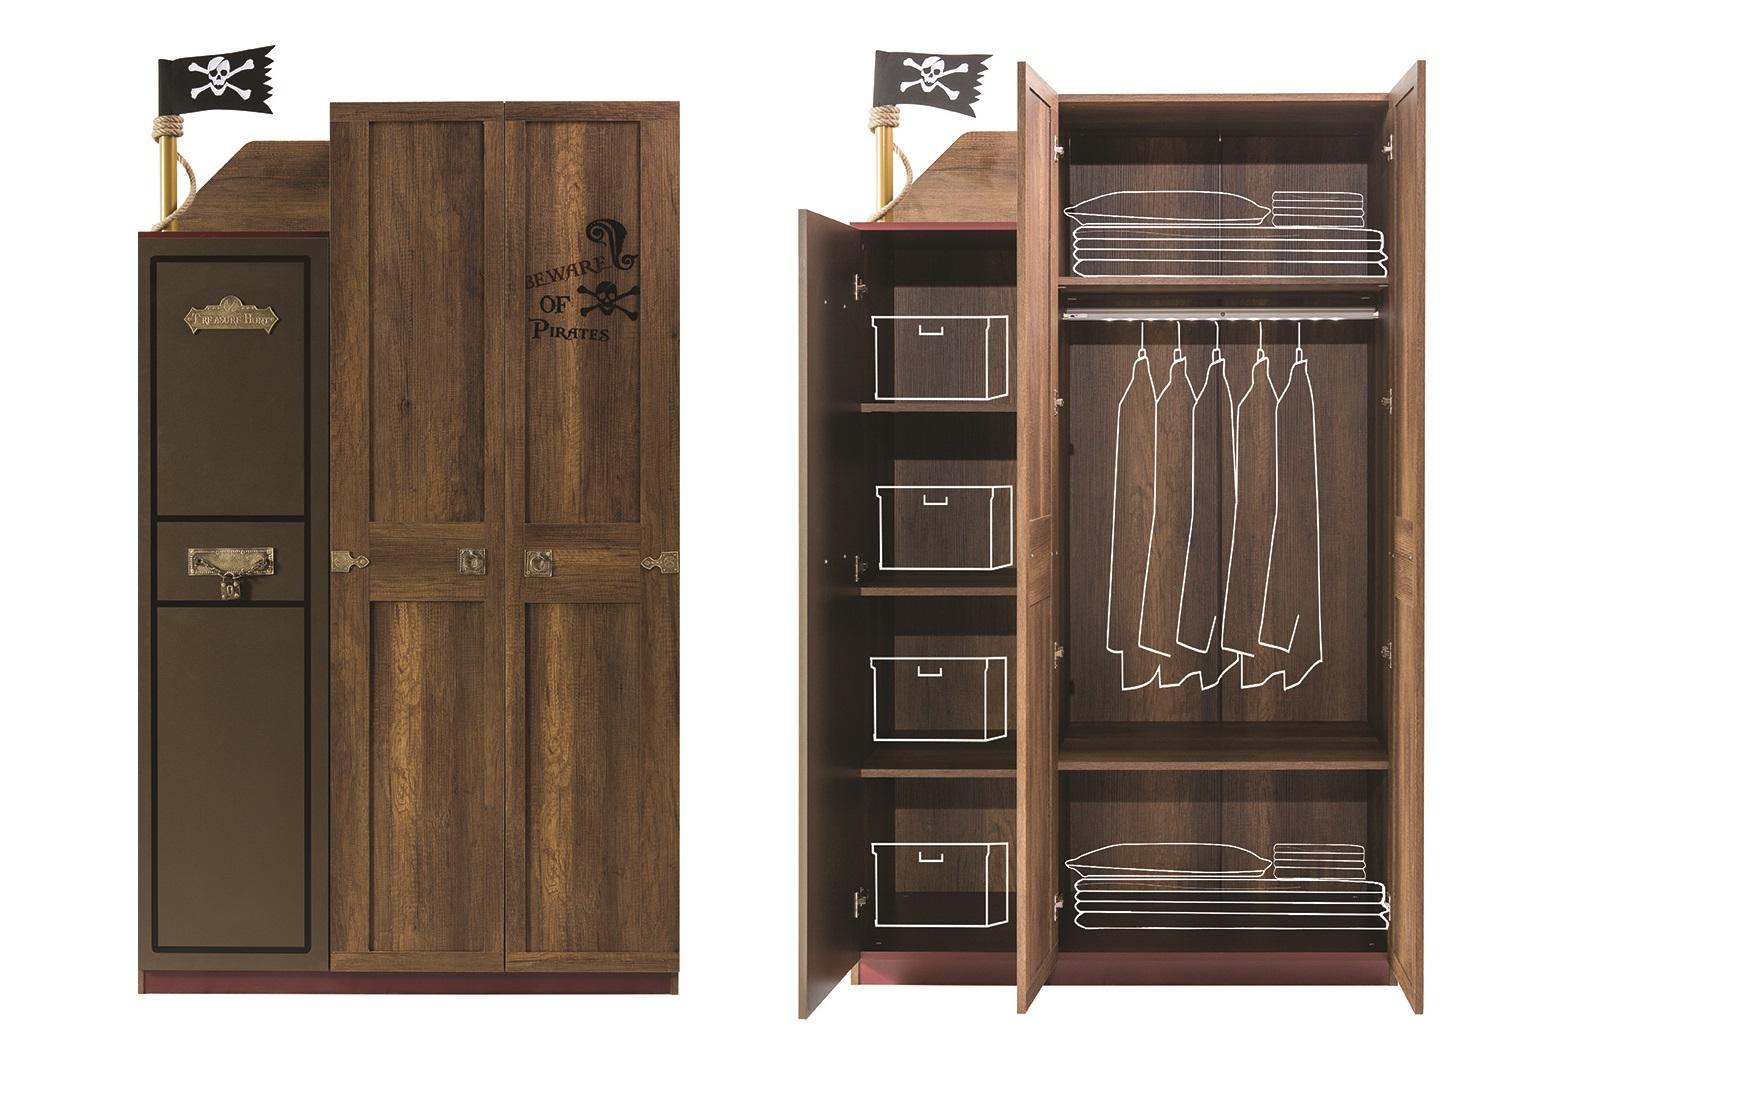 kleiderschrank 3trg korsan pirat in braun f r kinderzimmer 68403. Black Bedroom Furniture Sets. Home Design Ideas